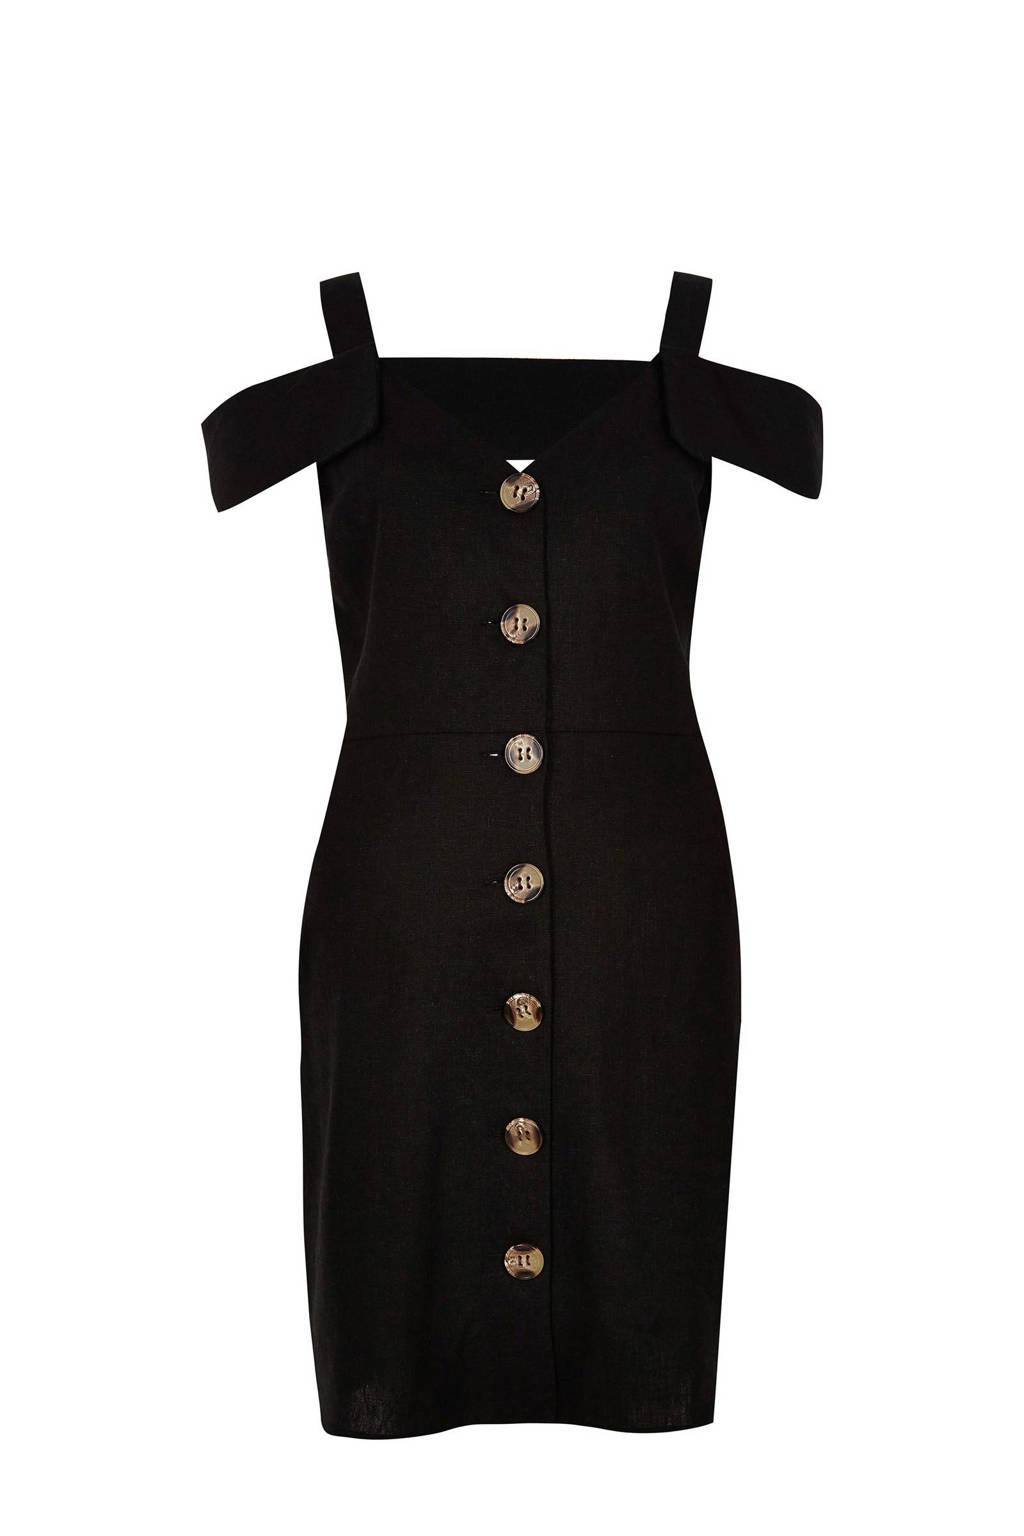 River Island linnen cold shoulder jurk, Zwart